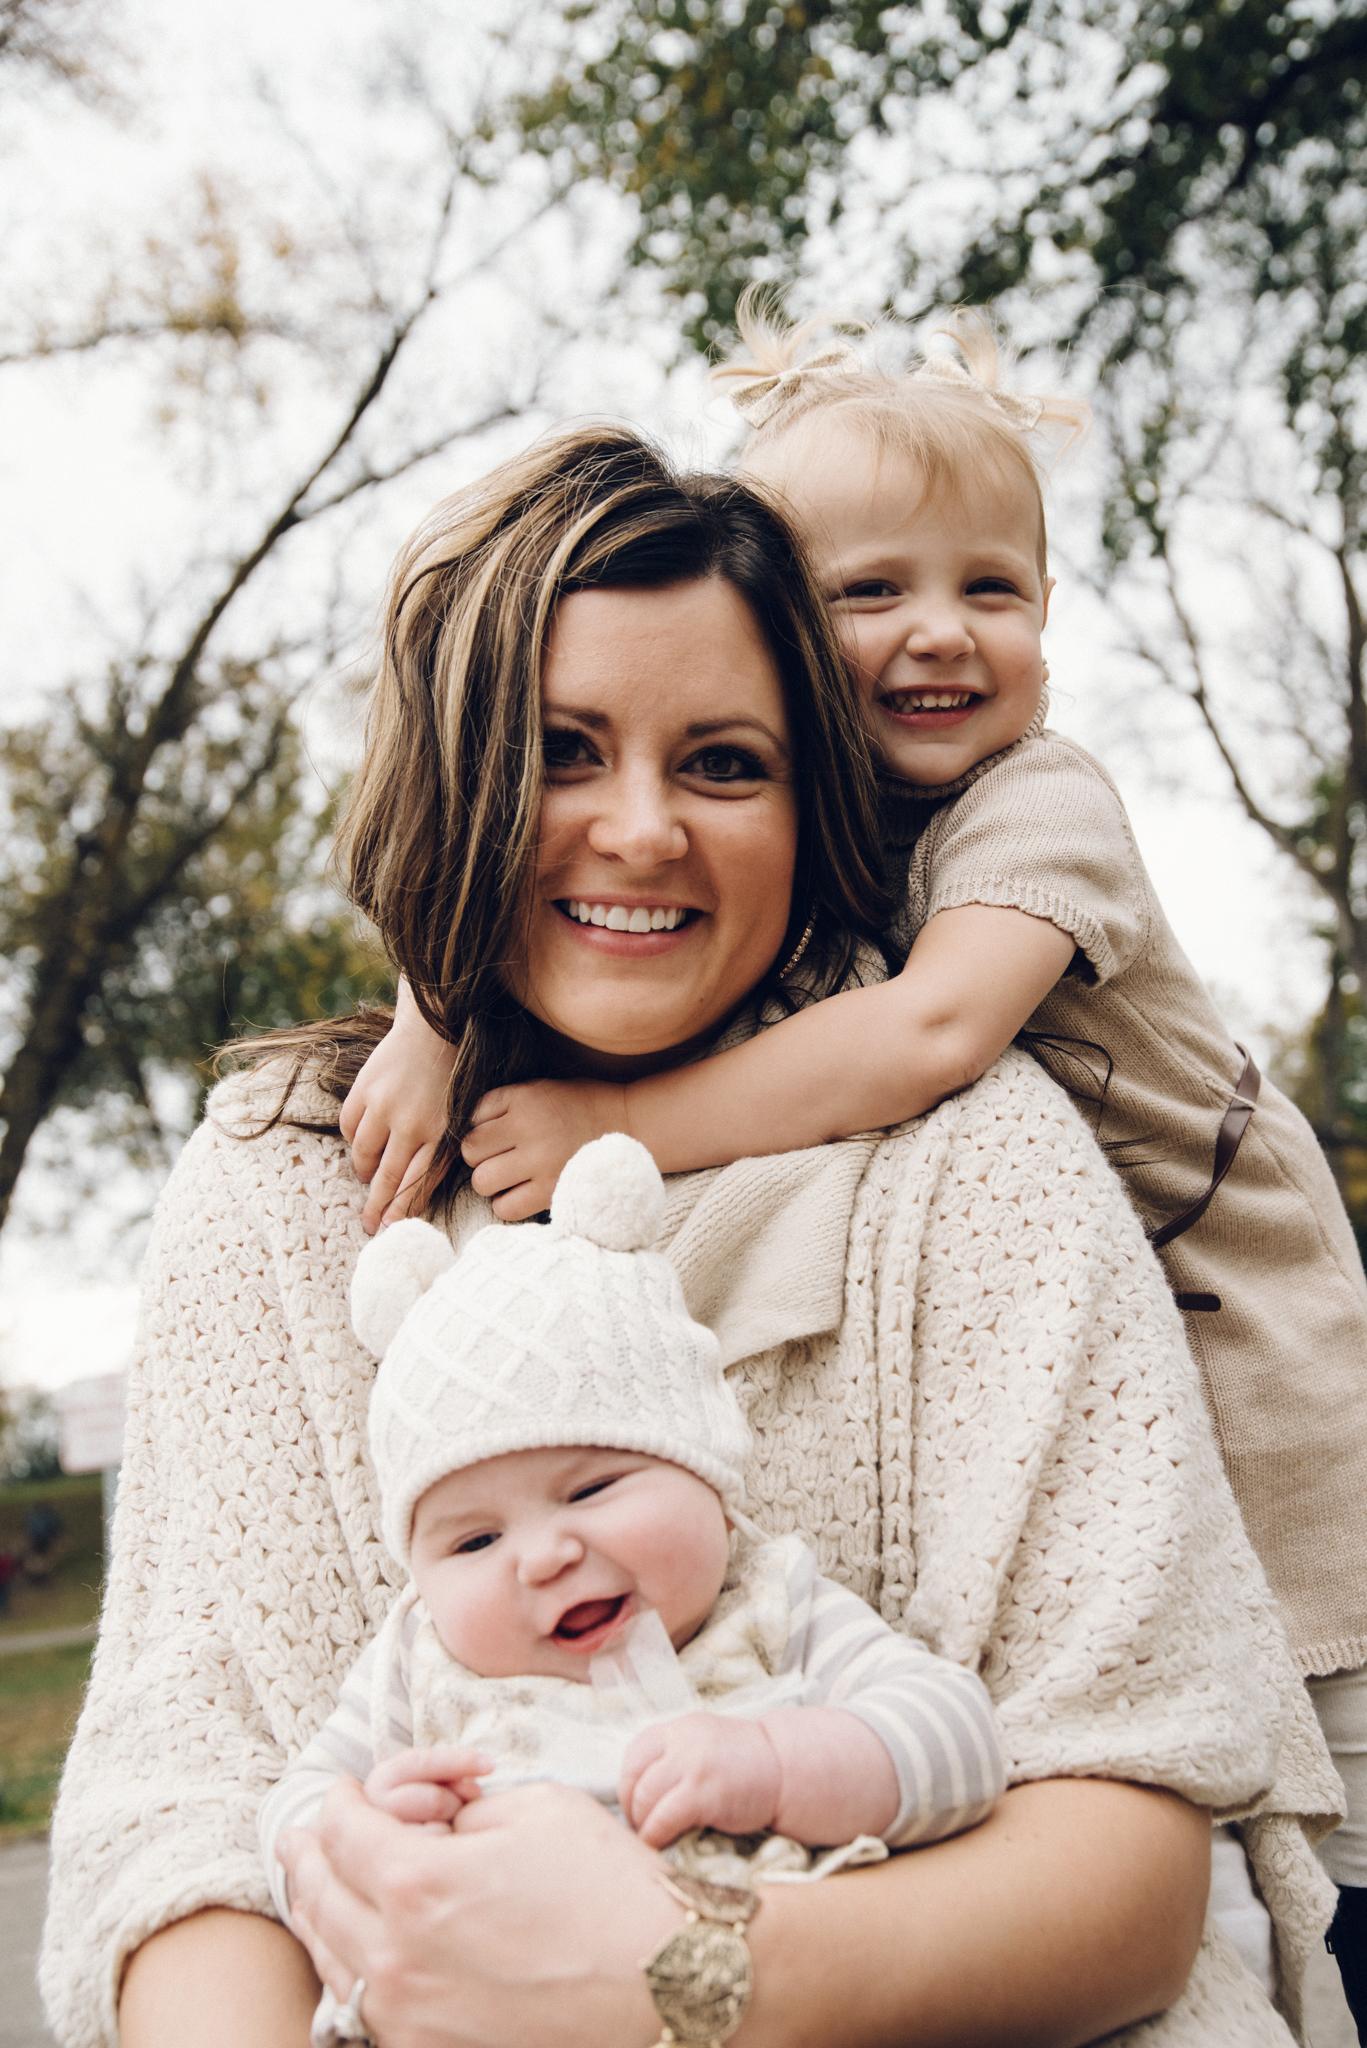 Childrens_Family_Photographer_Fargo_Moorhead-5119.jpg